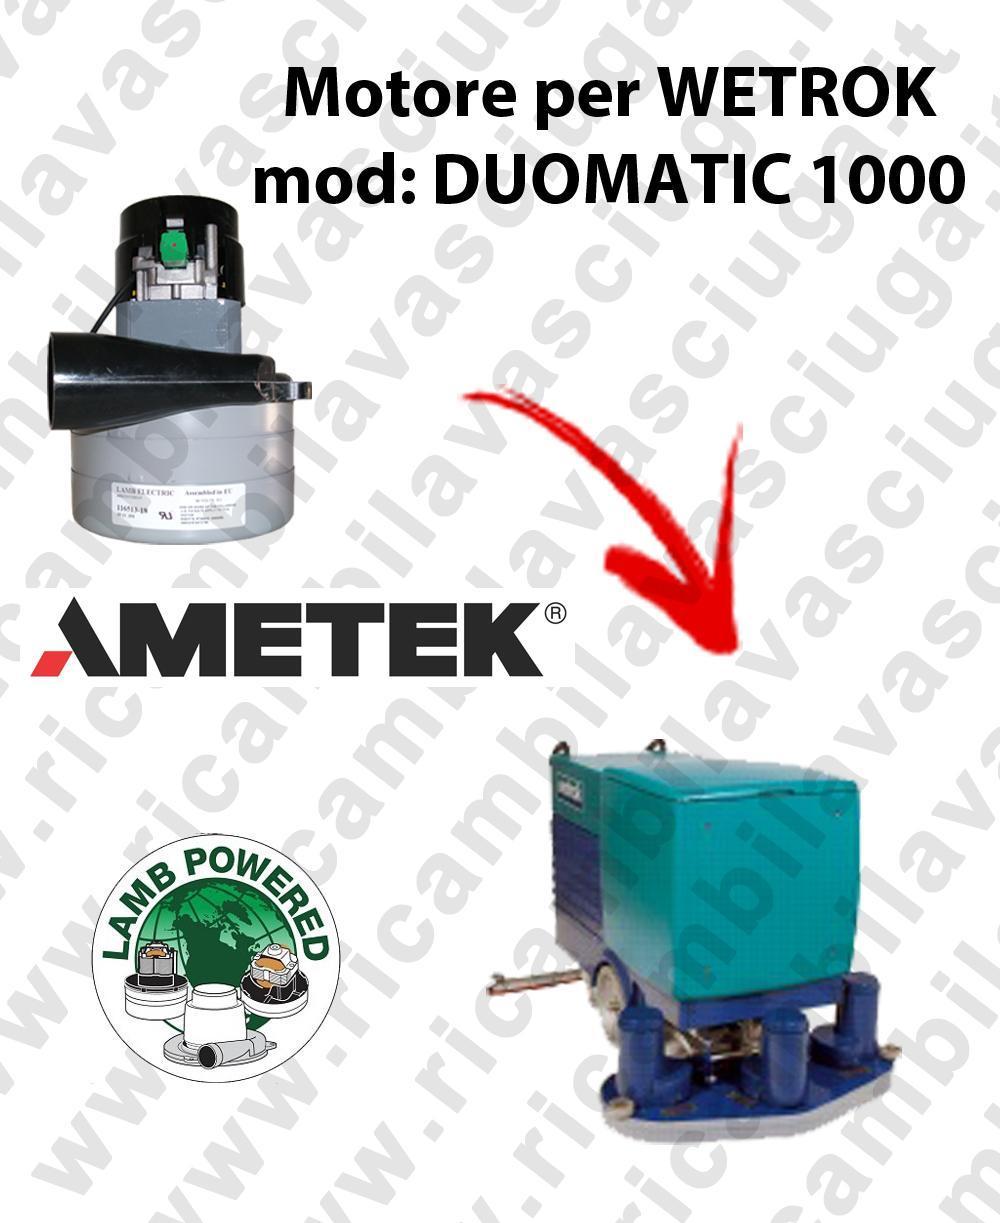 DUOMATIC 1000 Saugmotor LAMB AMETEK für scheuersaugmaschinen WETROK